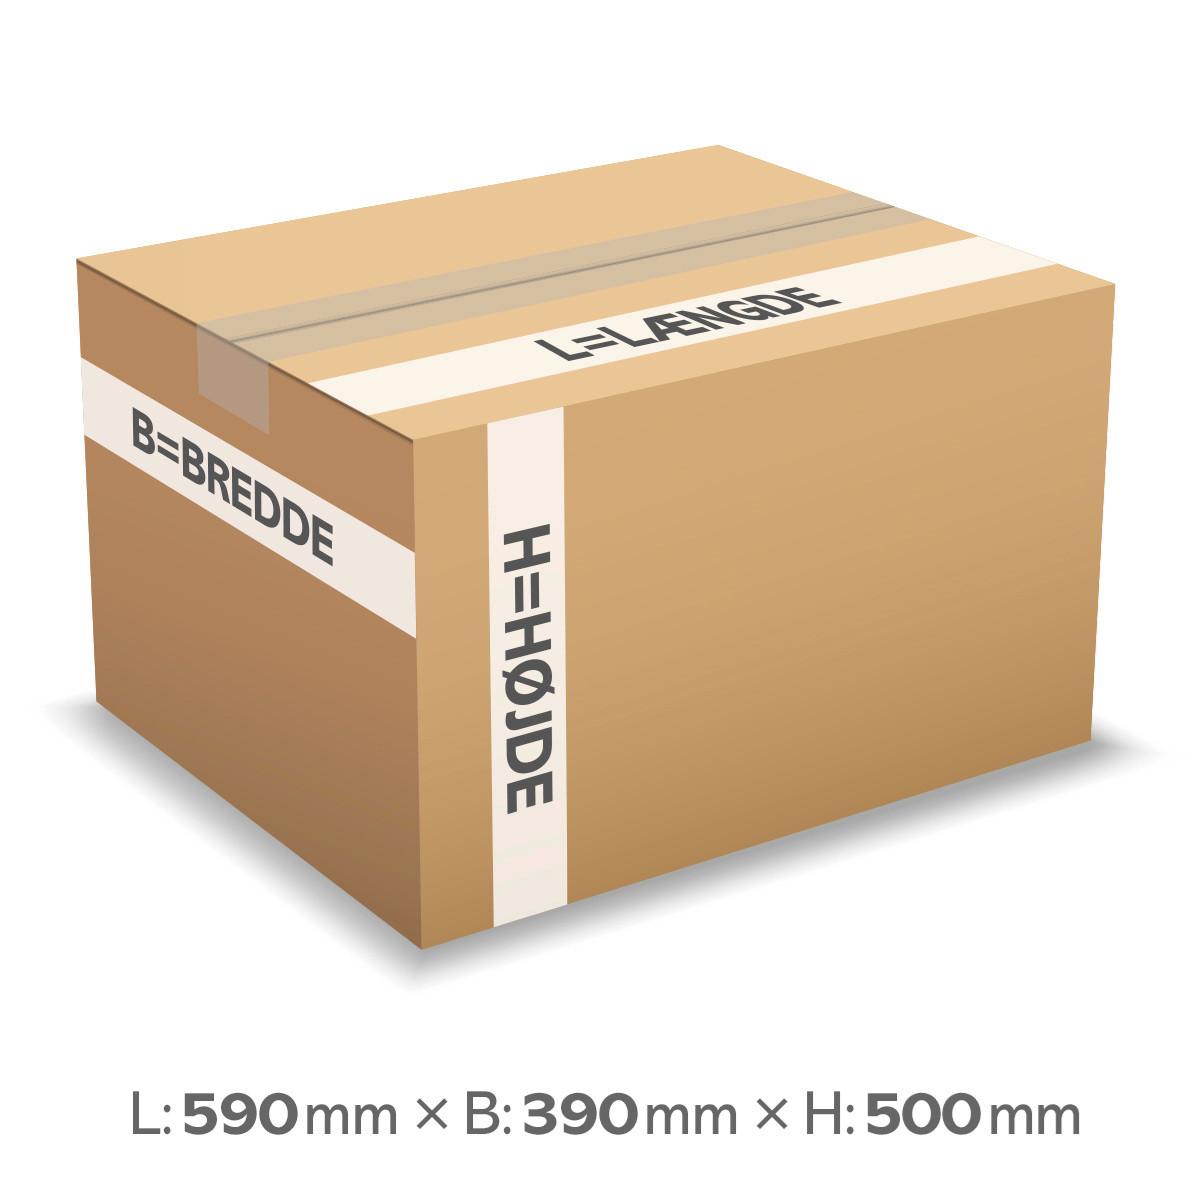 Papkasser 590 x 390 x 500 mm 605 - 115L - 4mm